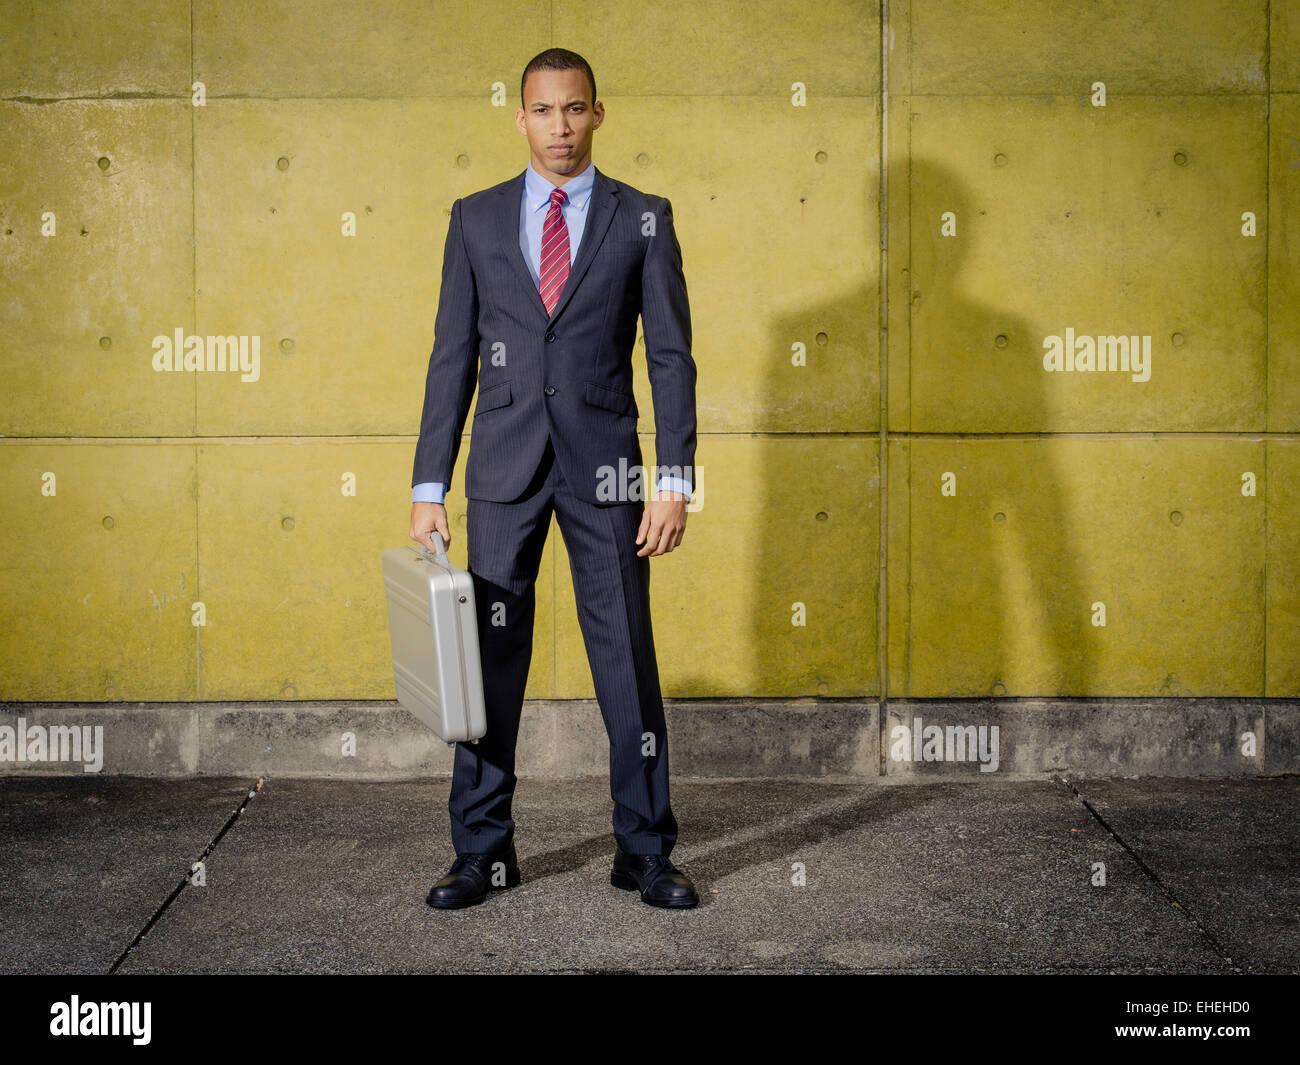 Businessman portrait wearing suit and tie with Halliburton Zero Aluminum Aluminium briefcase / attache case - Stock Image